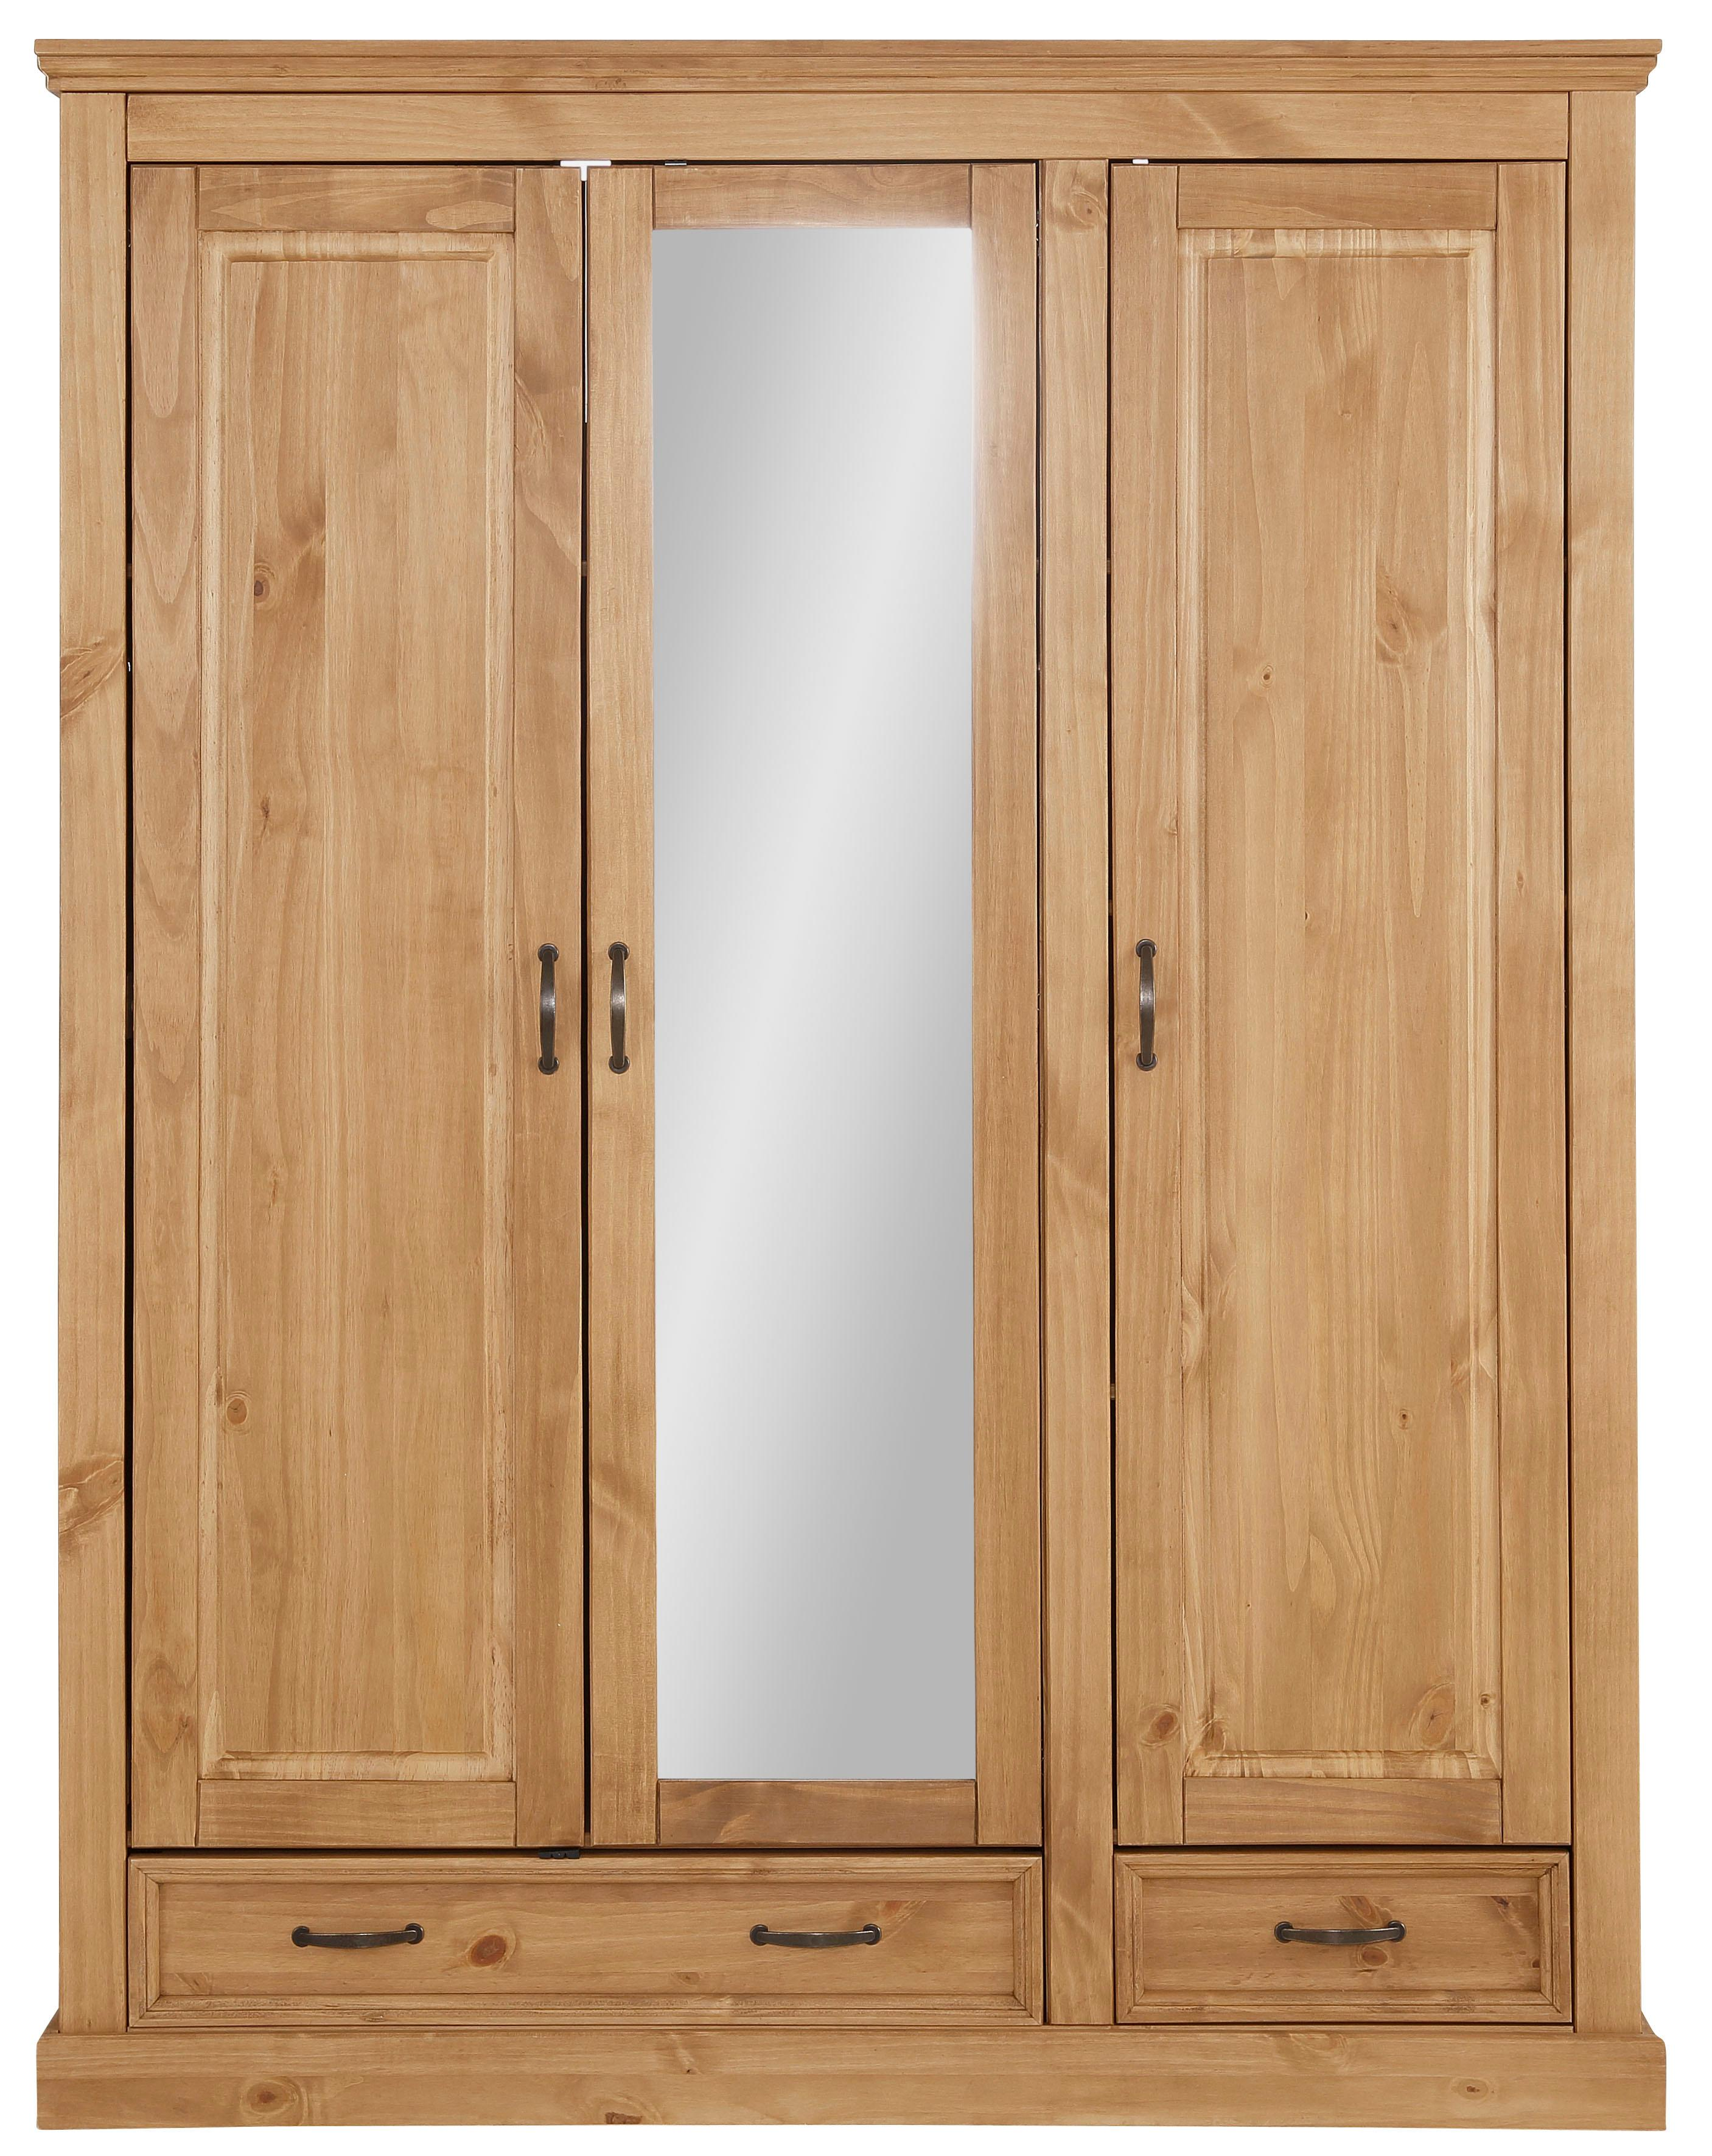 kleiderschrank buche massiv 3 t rig preisvergleich die besten angebote online kaufen. Black Bedroom Furniture Sets. Home Design Ideas